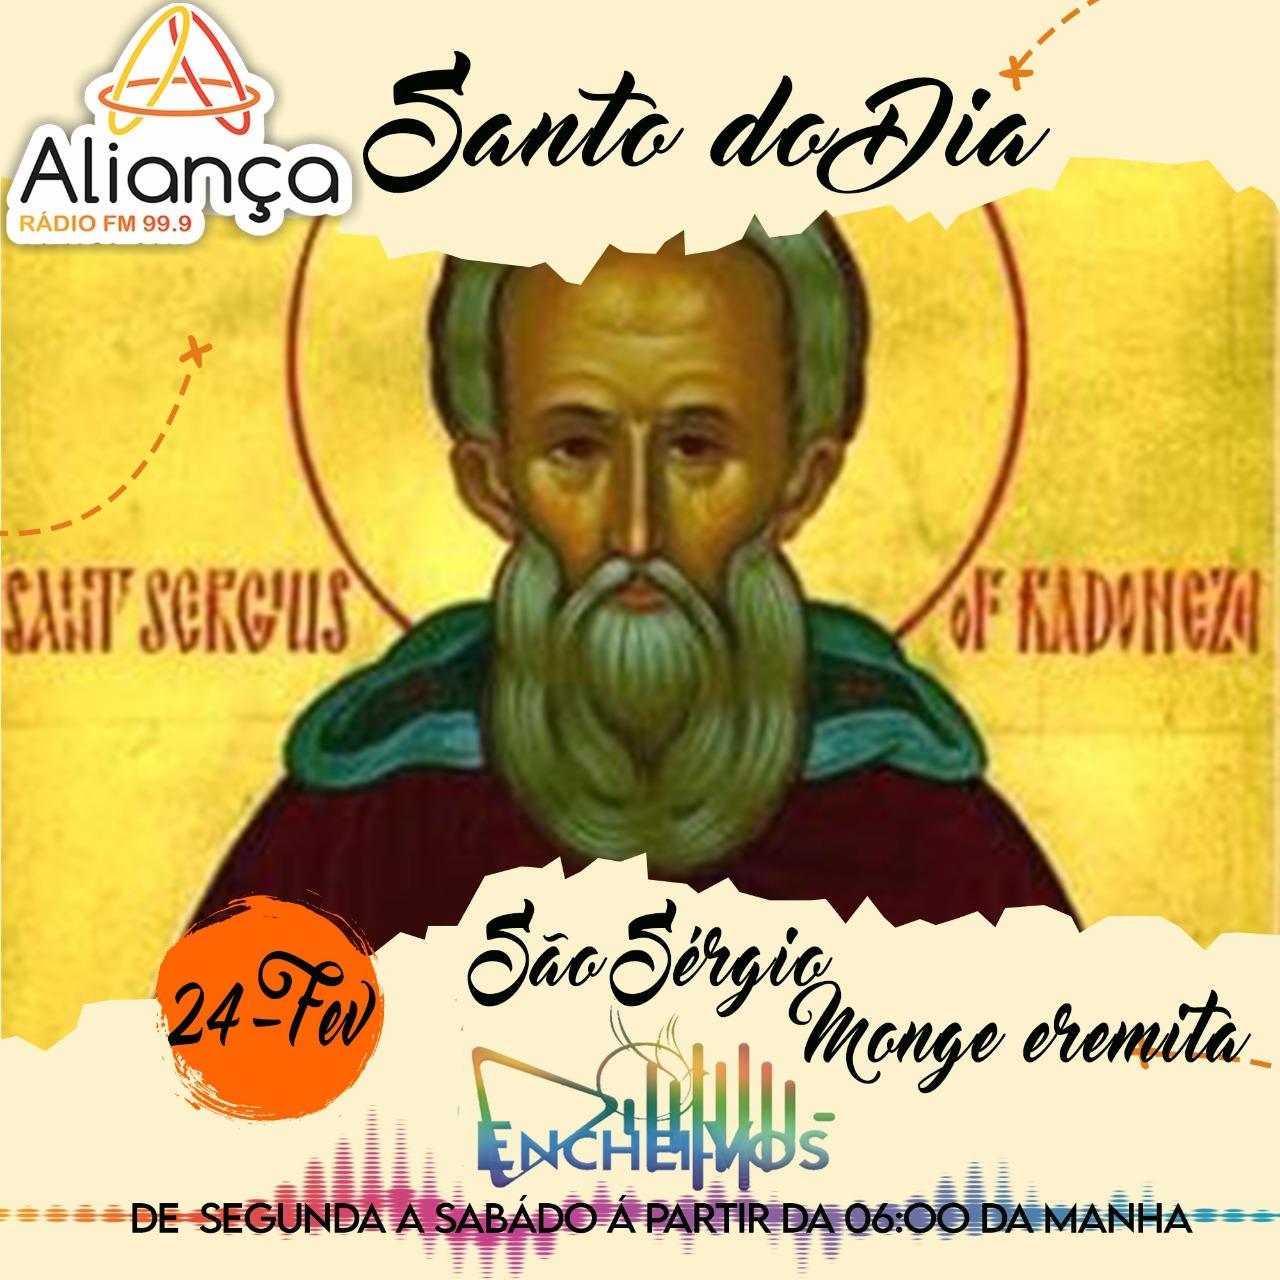 Santo do Dia: conheça a história de São Sérgio – Monge eremita